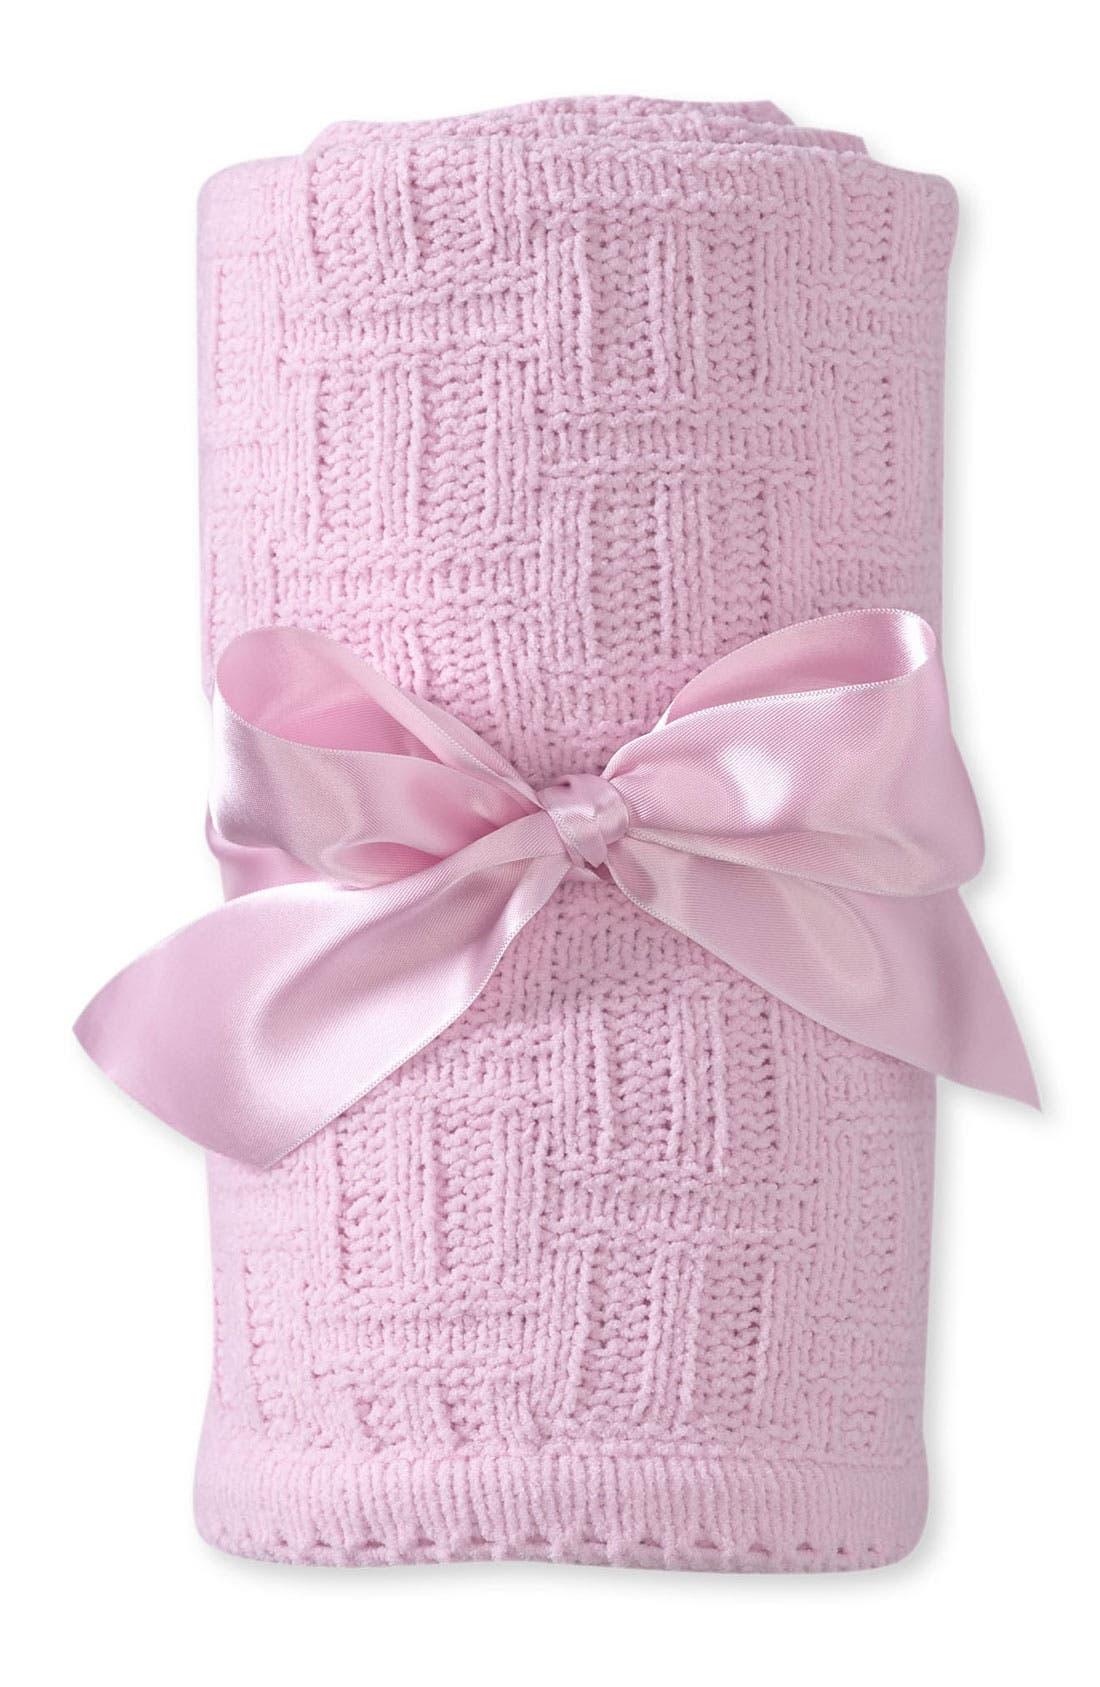 Main Image - Nordstrom Basket Weave Blanket